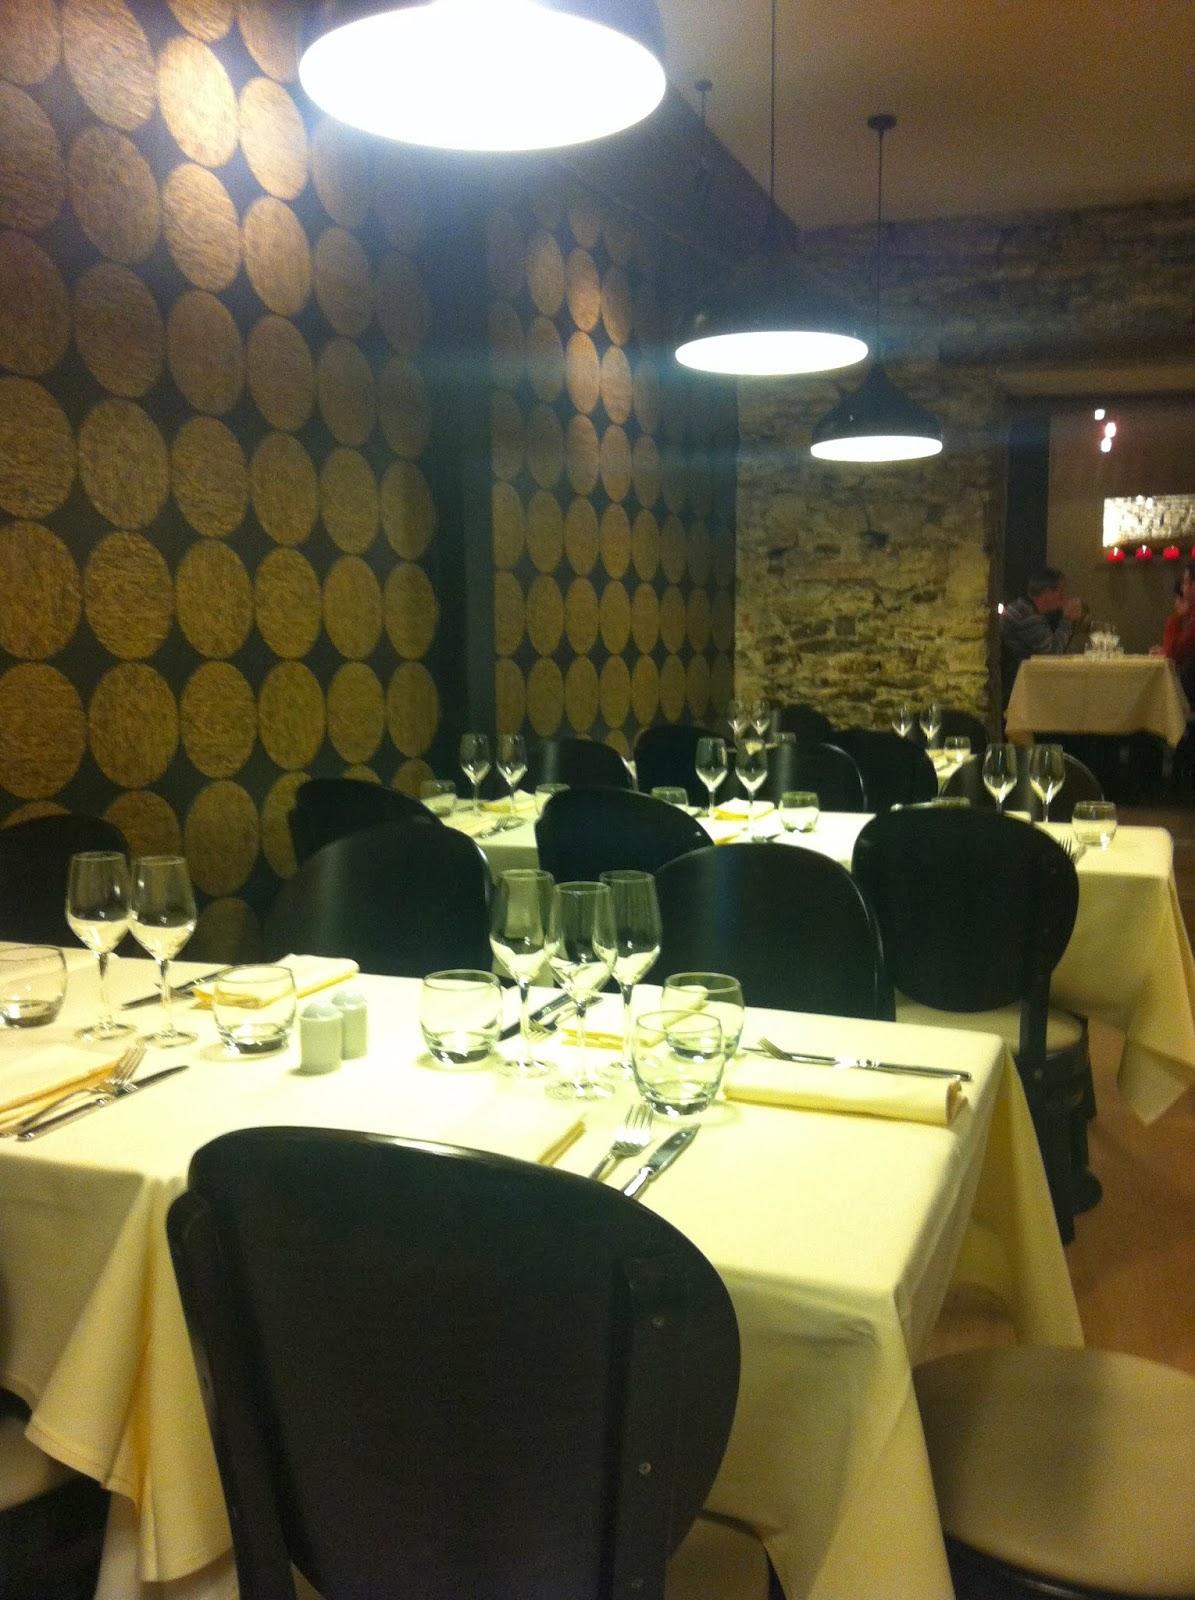 Mes petites cr ations culinaires la table des roy le restaurant de pascal le candidat de - Restaurant la table des roy ...